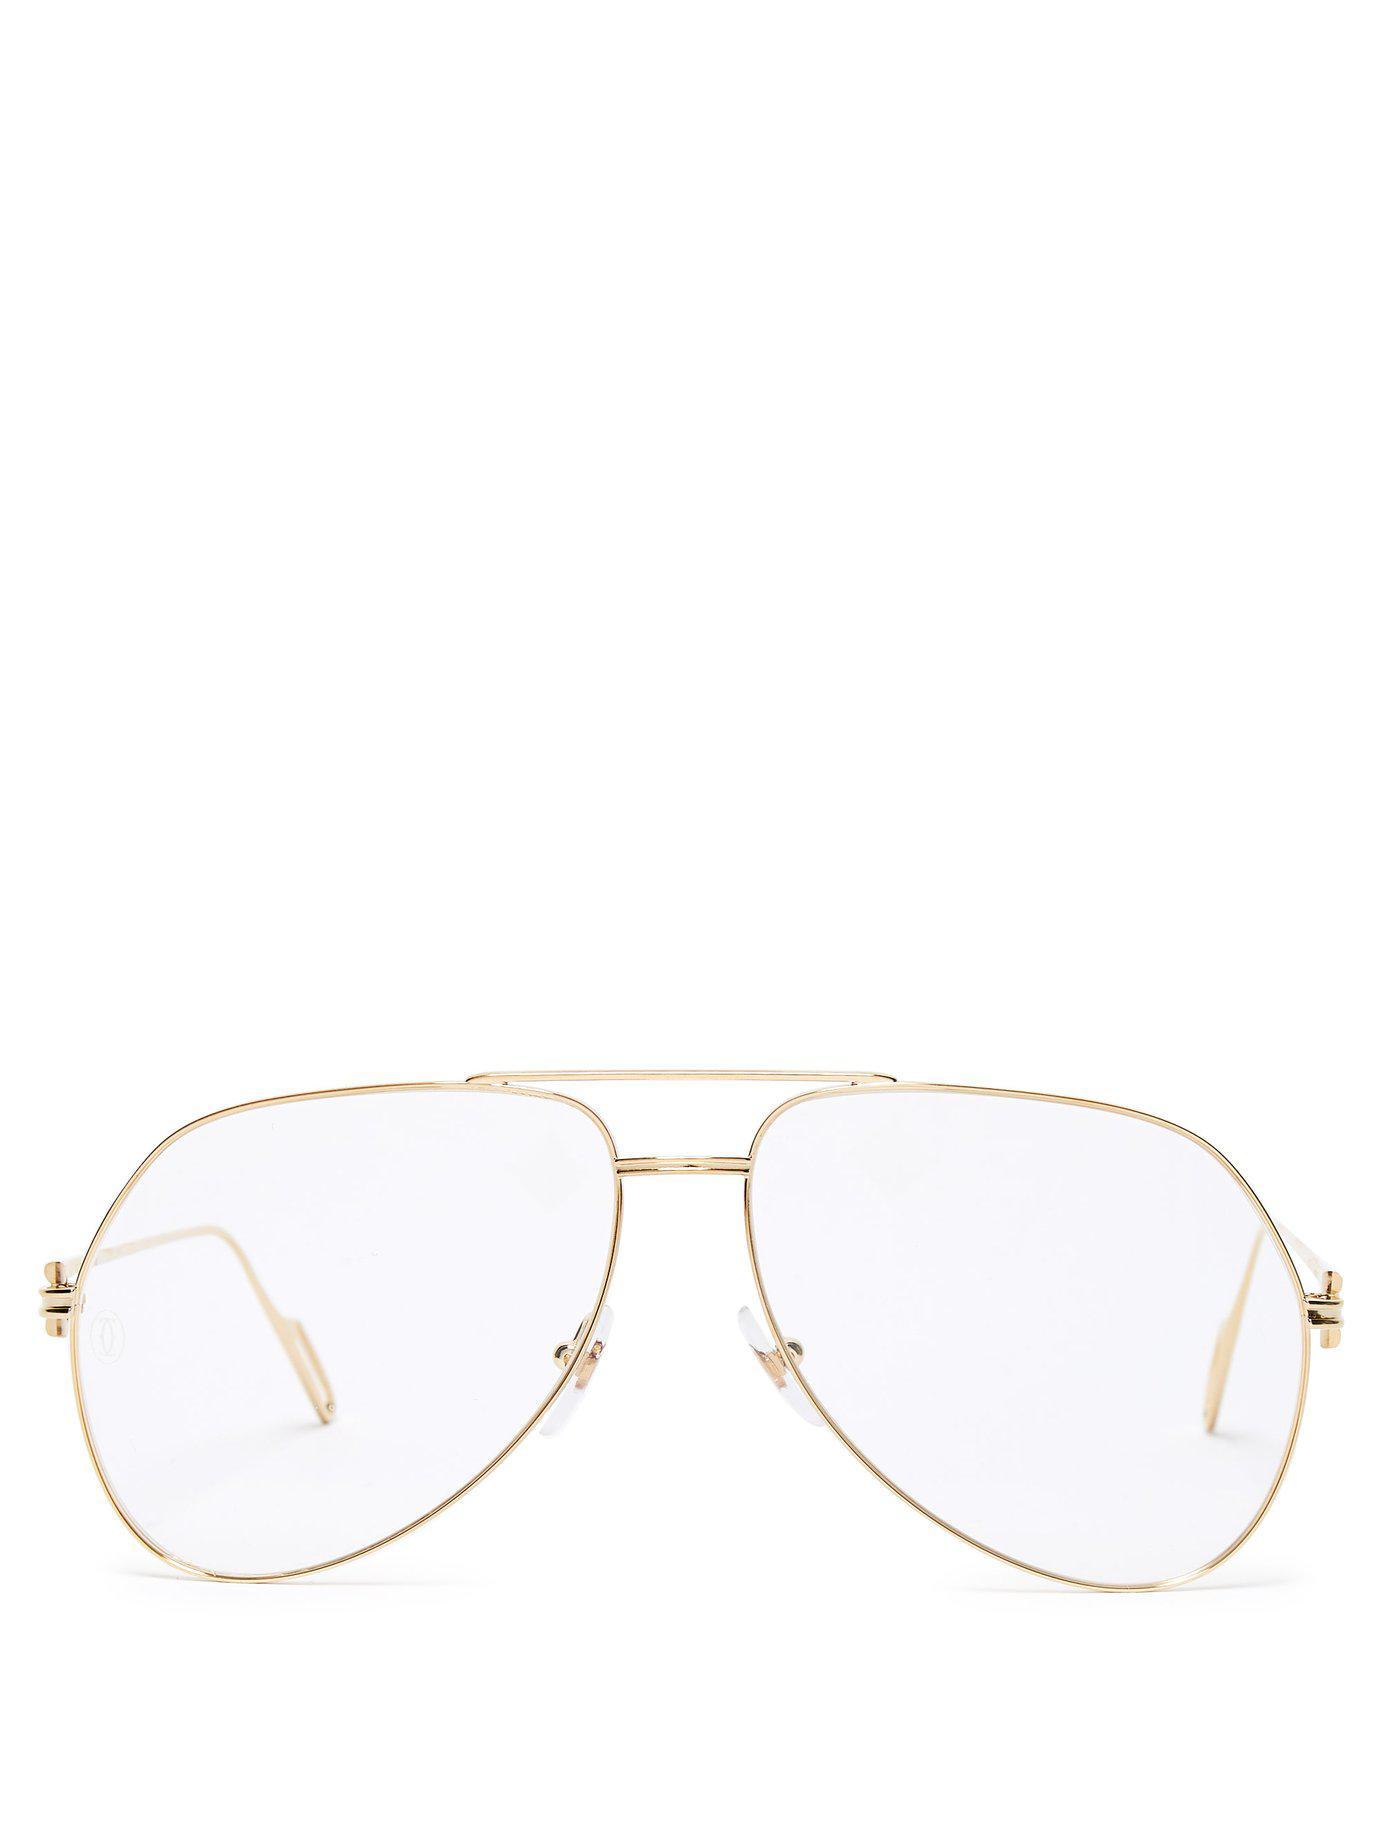 c2335aeda8c Lyst - Cartier Première De Cartier Aviator Glasses in Metallic for Men